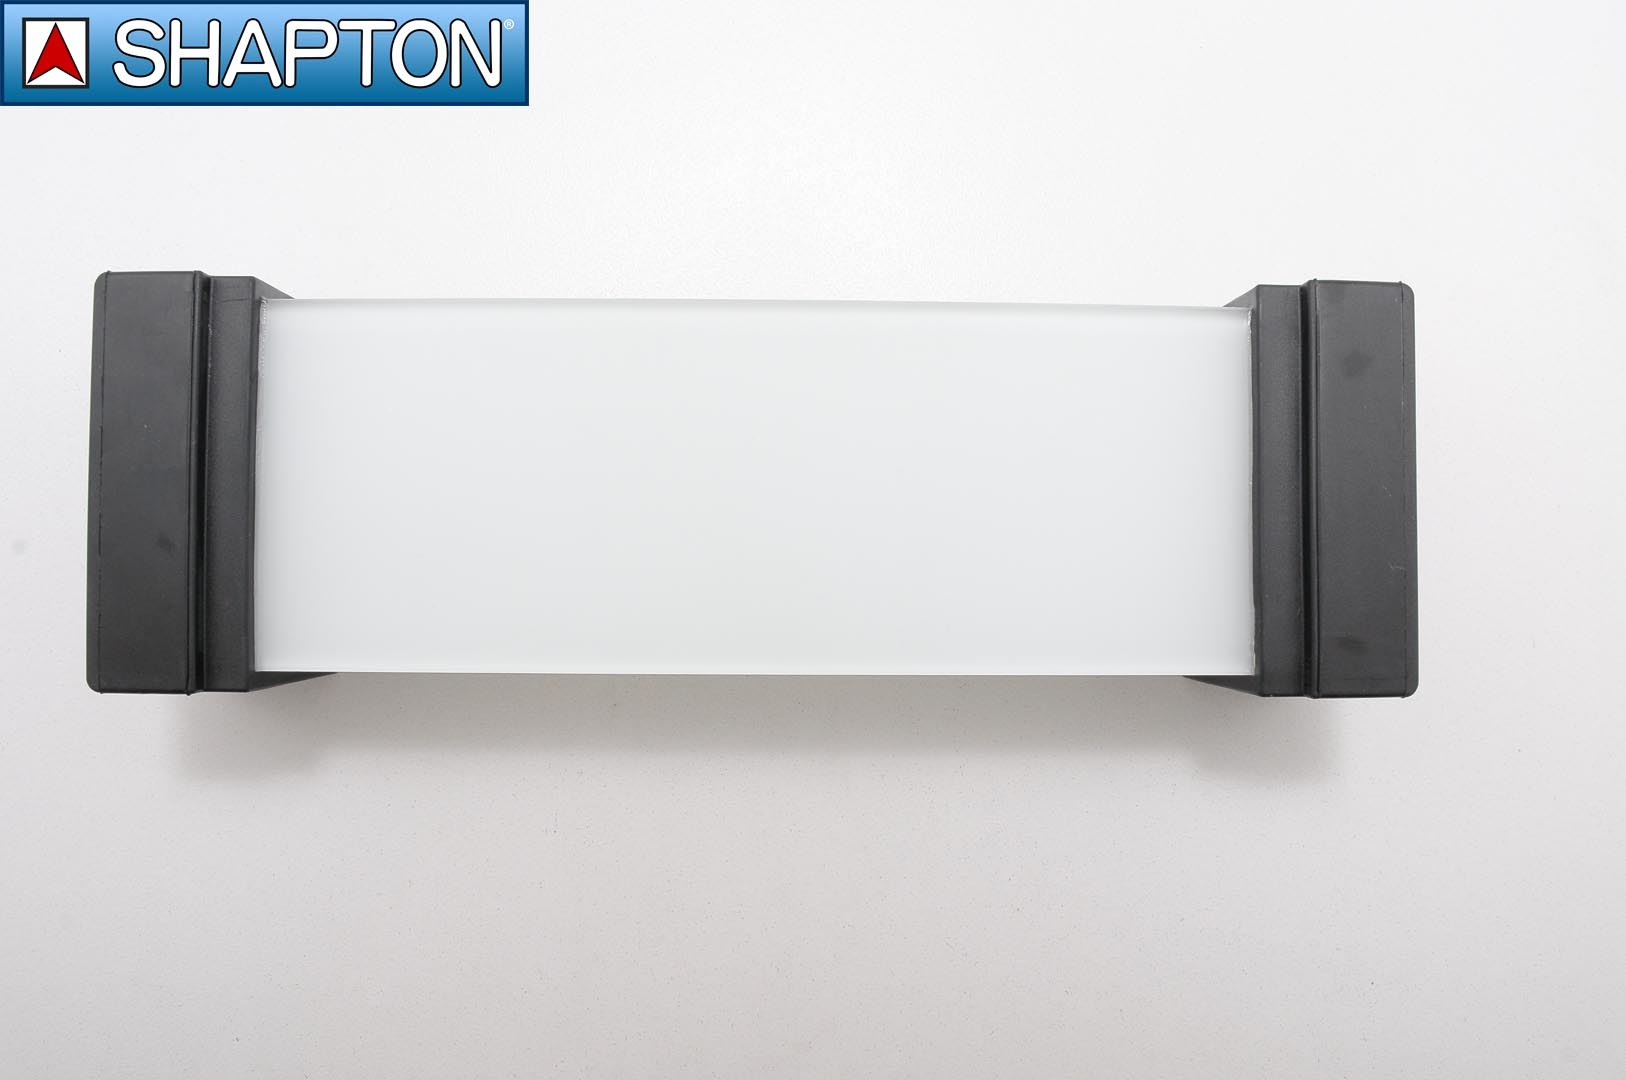 50300-Soporte para piedras de afilar Shapton 50300-max-6.